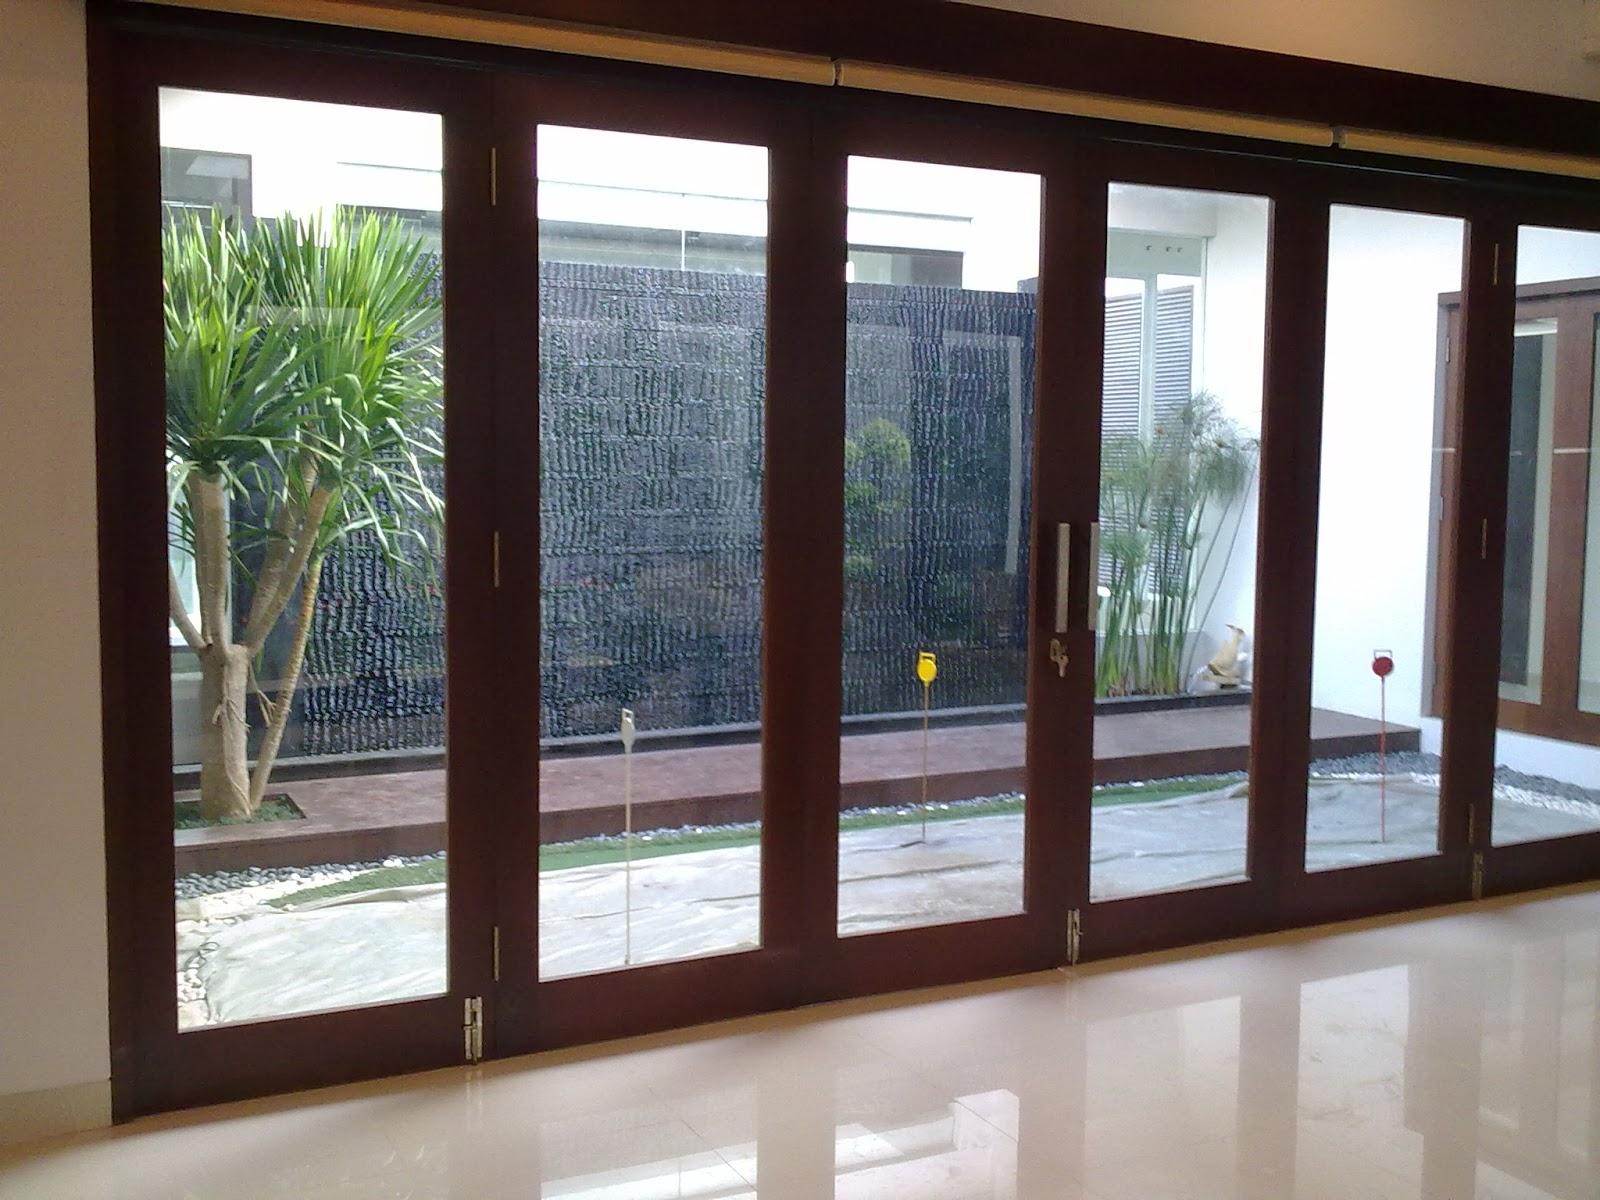 108 gambar pintu rumah minimalis sederhana | gambar desain rumah